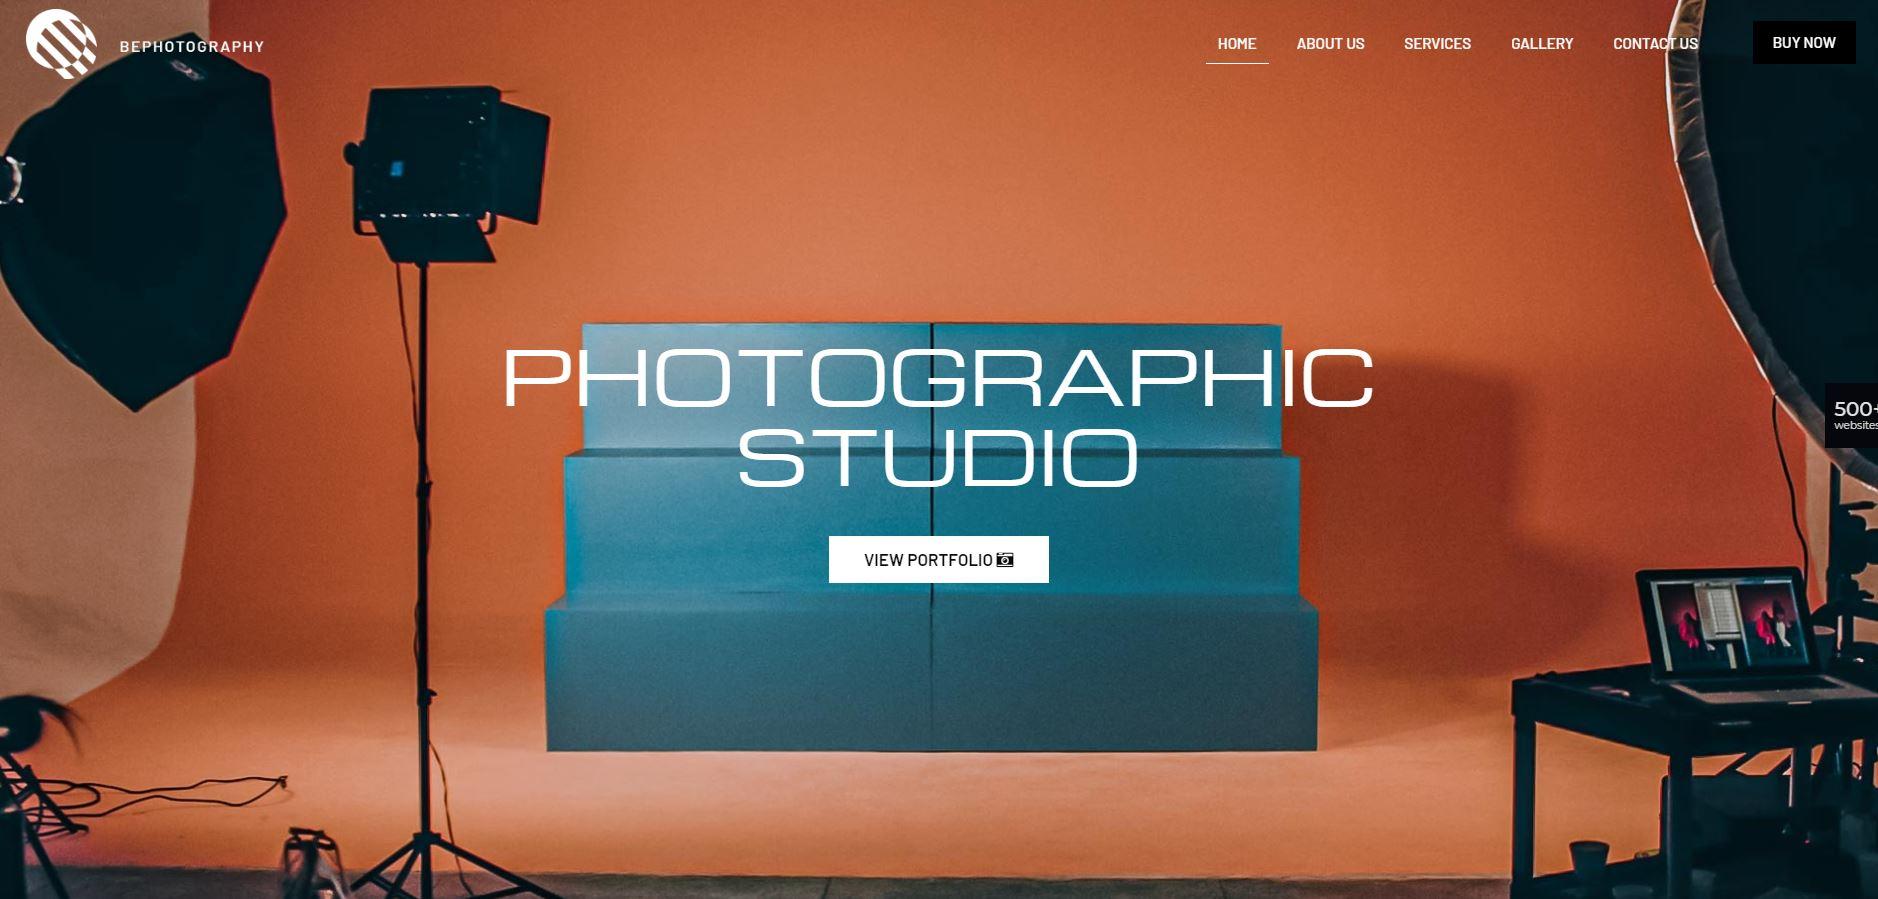 beste-wordpress-thema-voor-fotografie